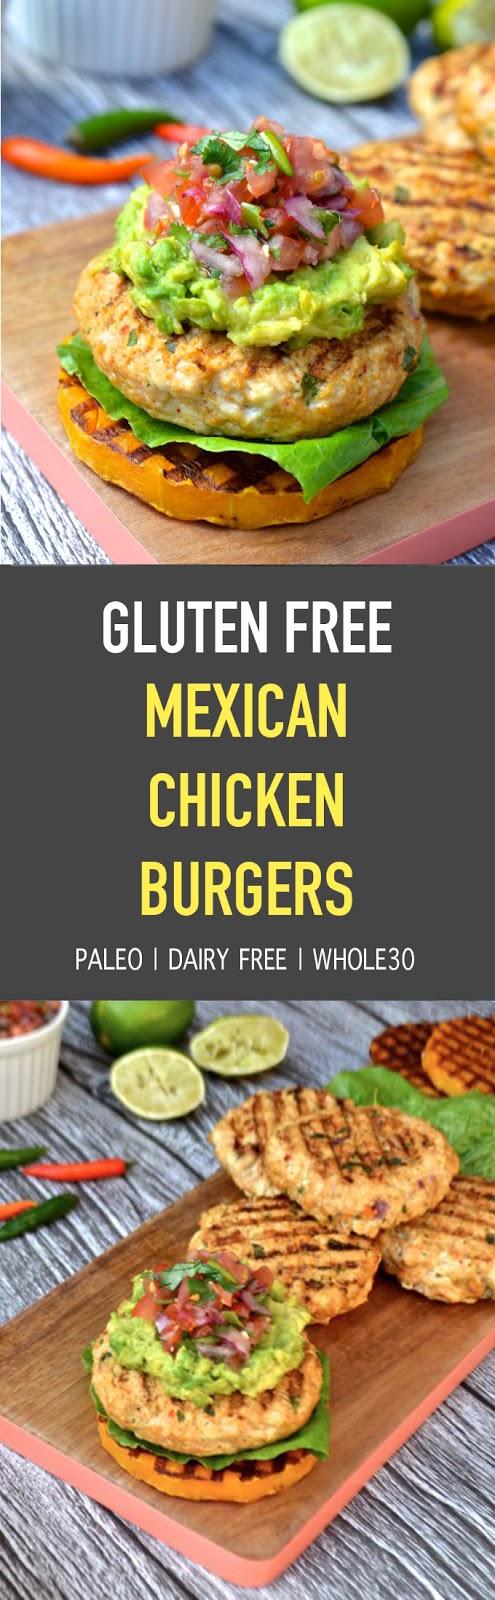 Gluten Free Mexican Chicken Burgers